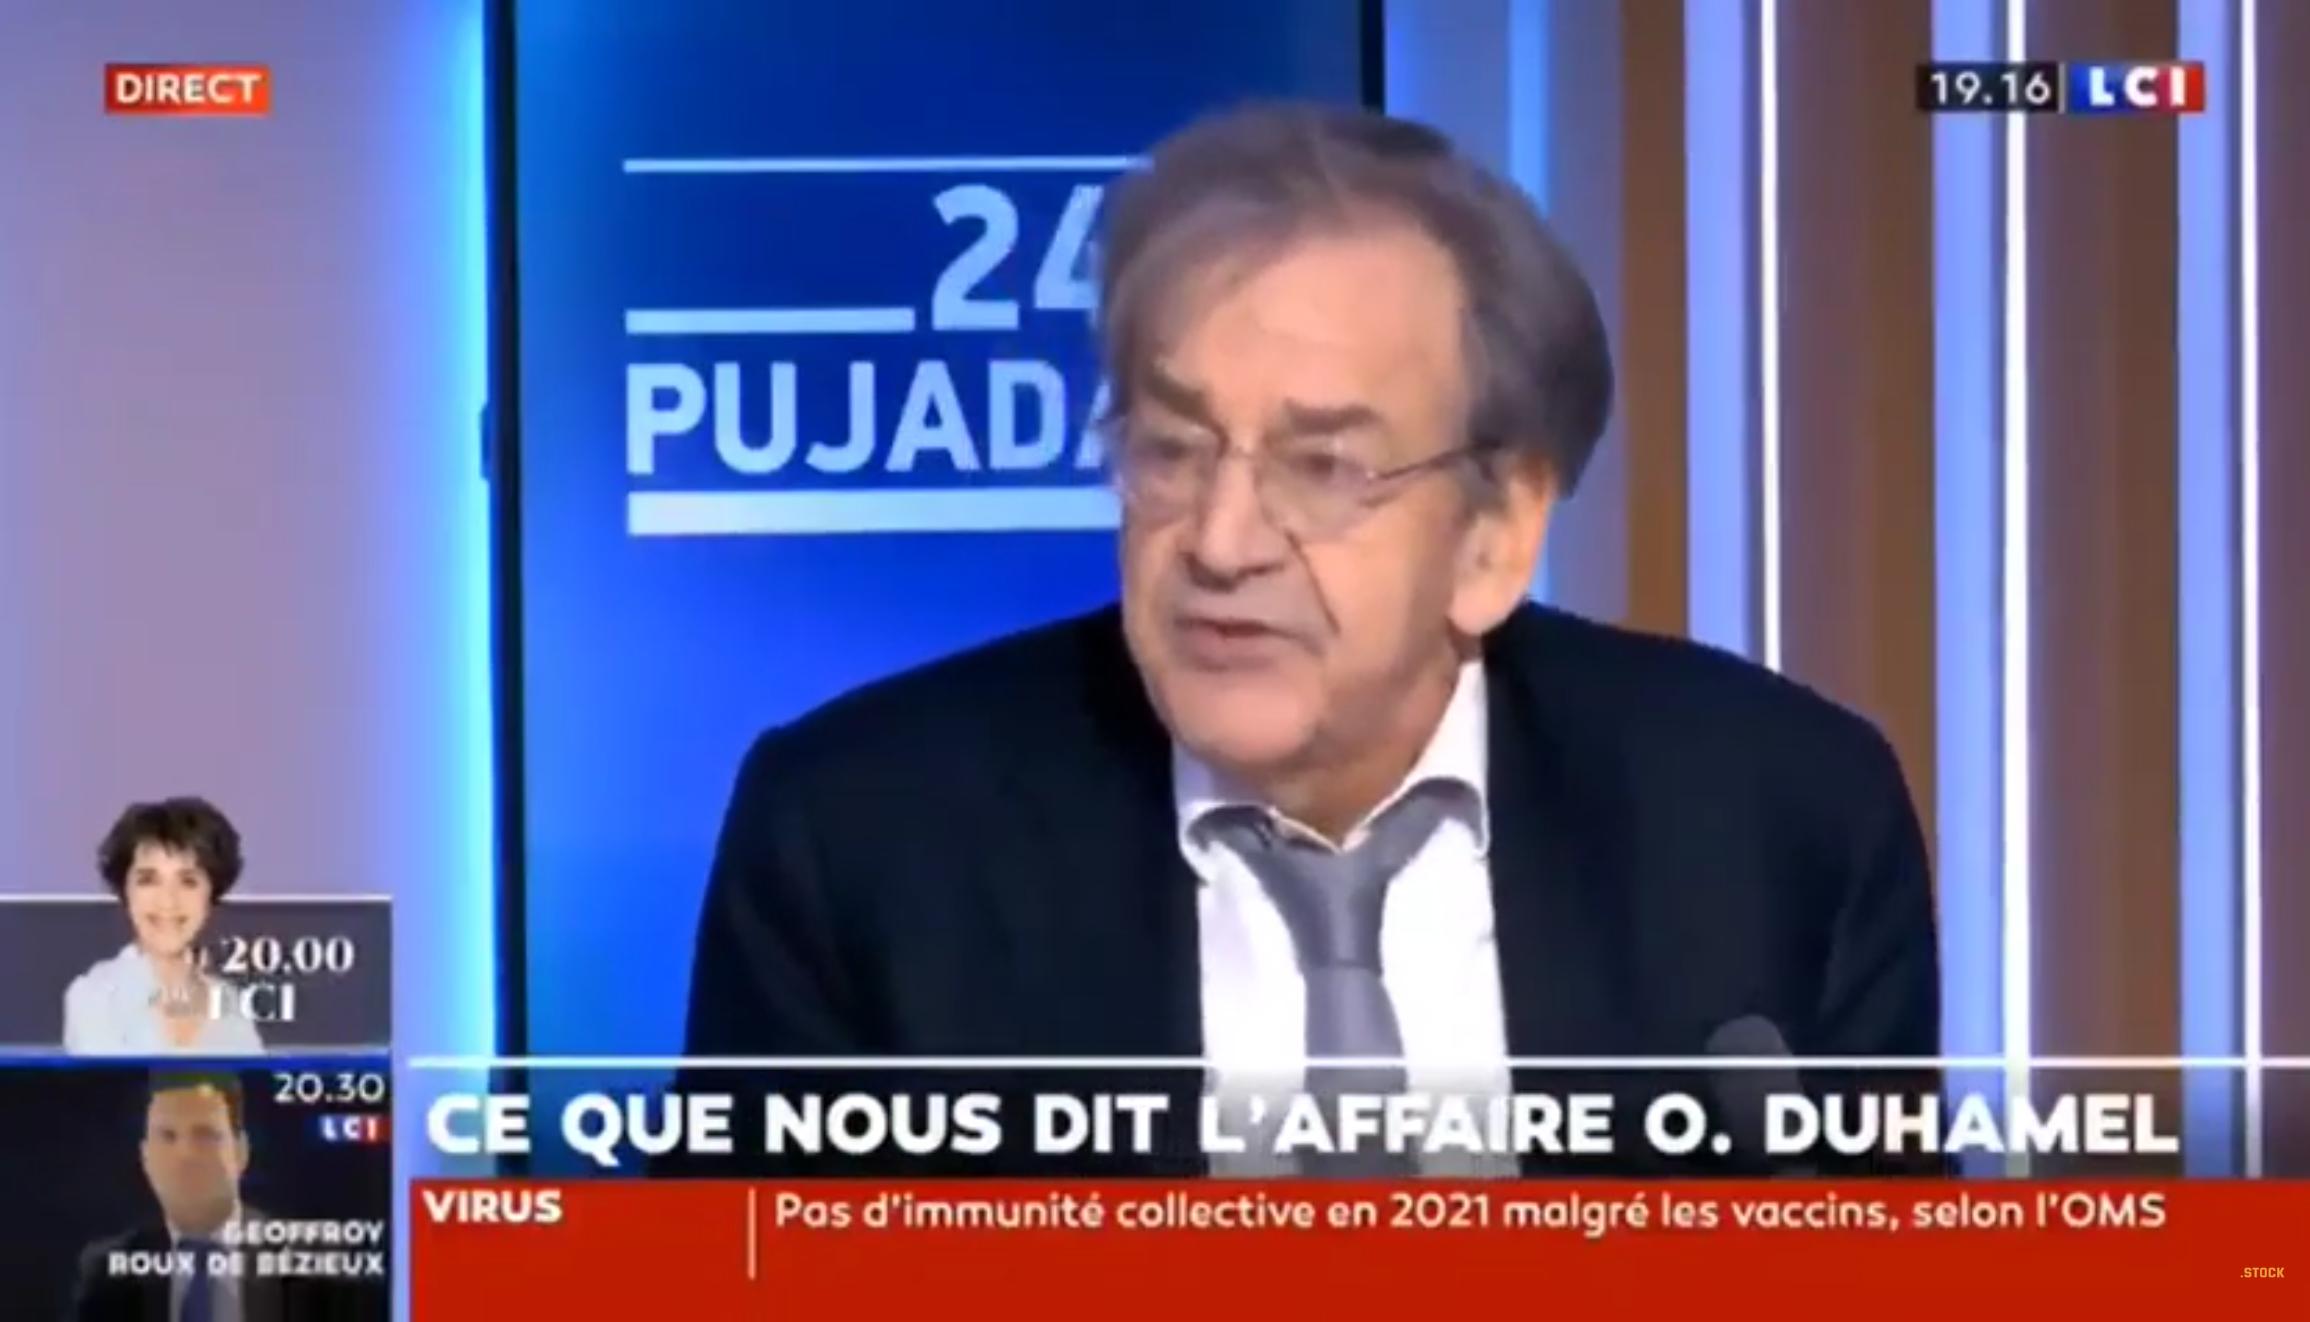 Olivier Duhamel accusé d'inceste : les propos dérangeants d'Alain Finkielkraut (VIDÉO)